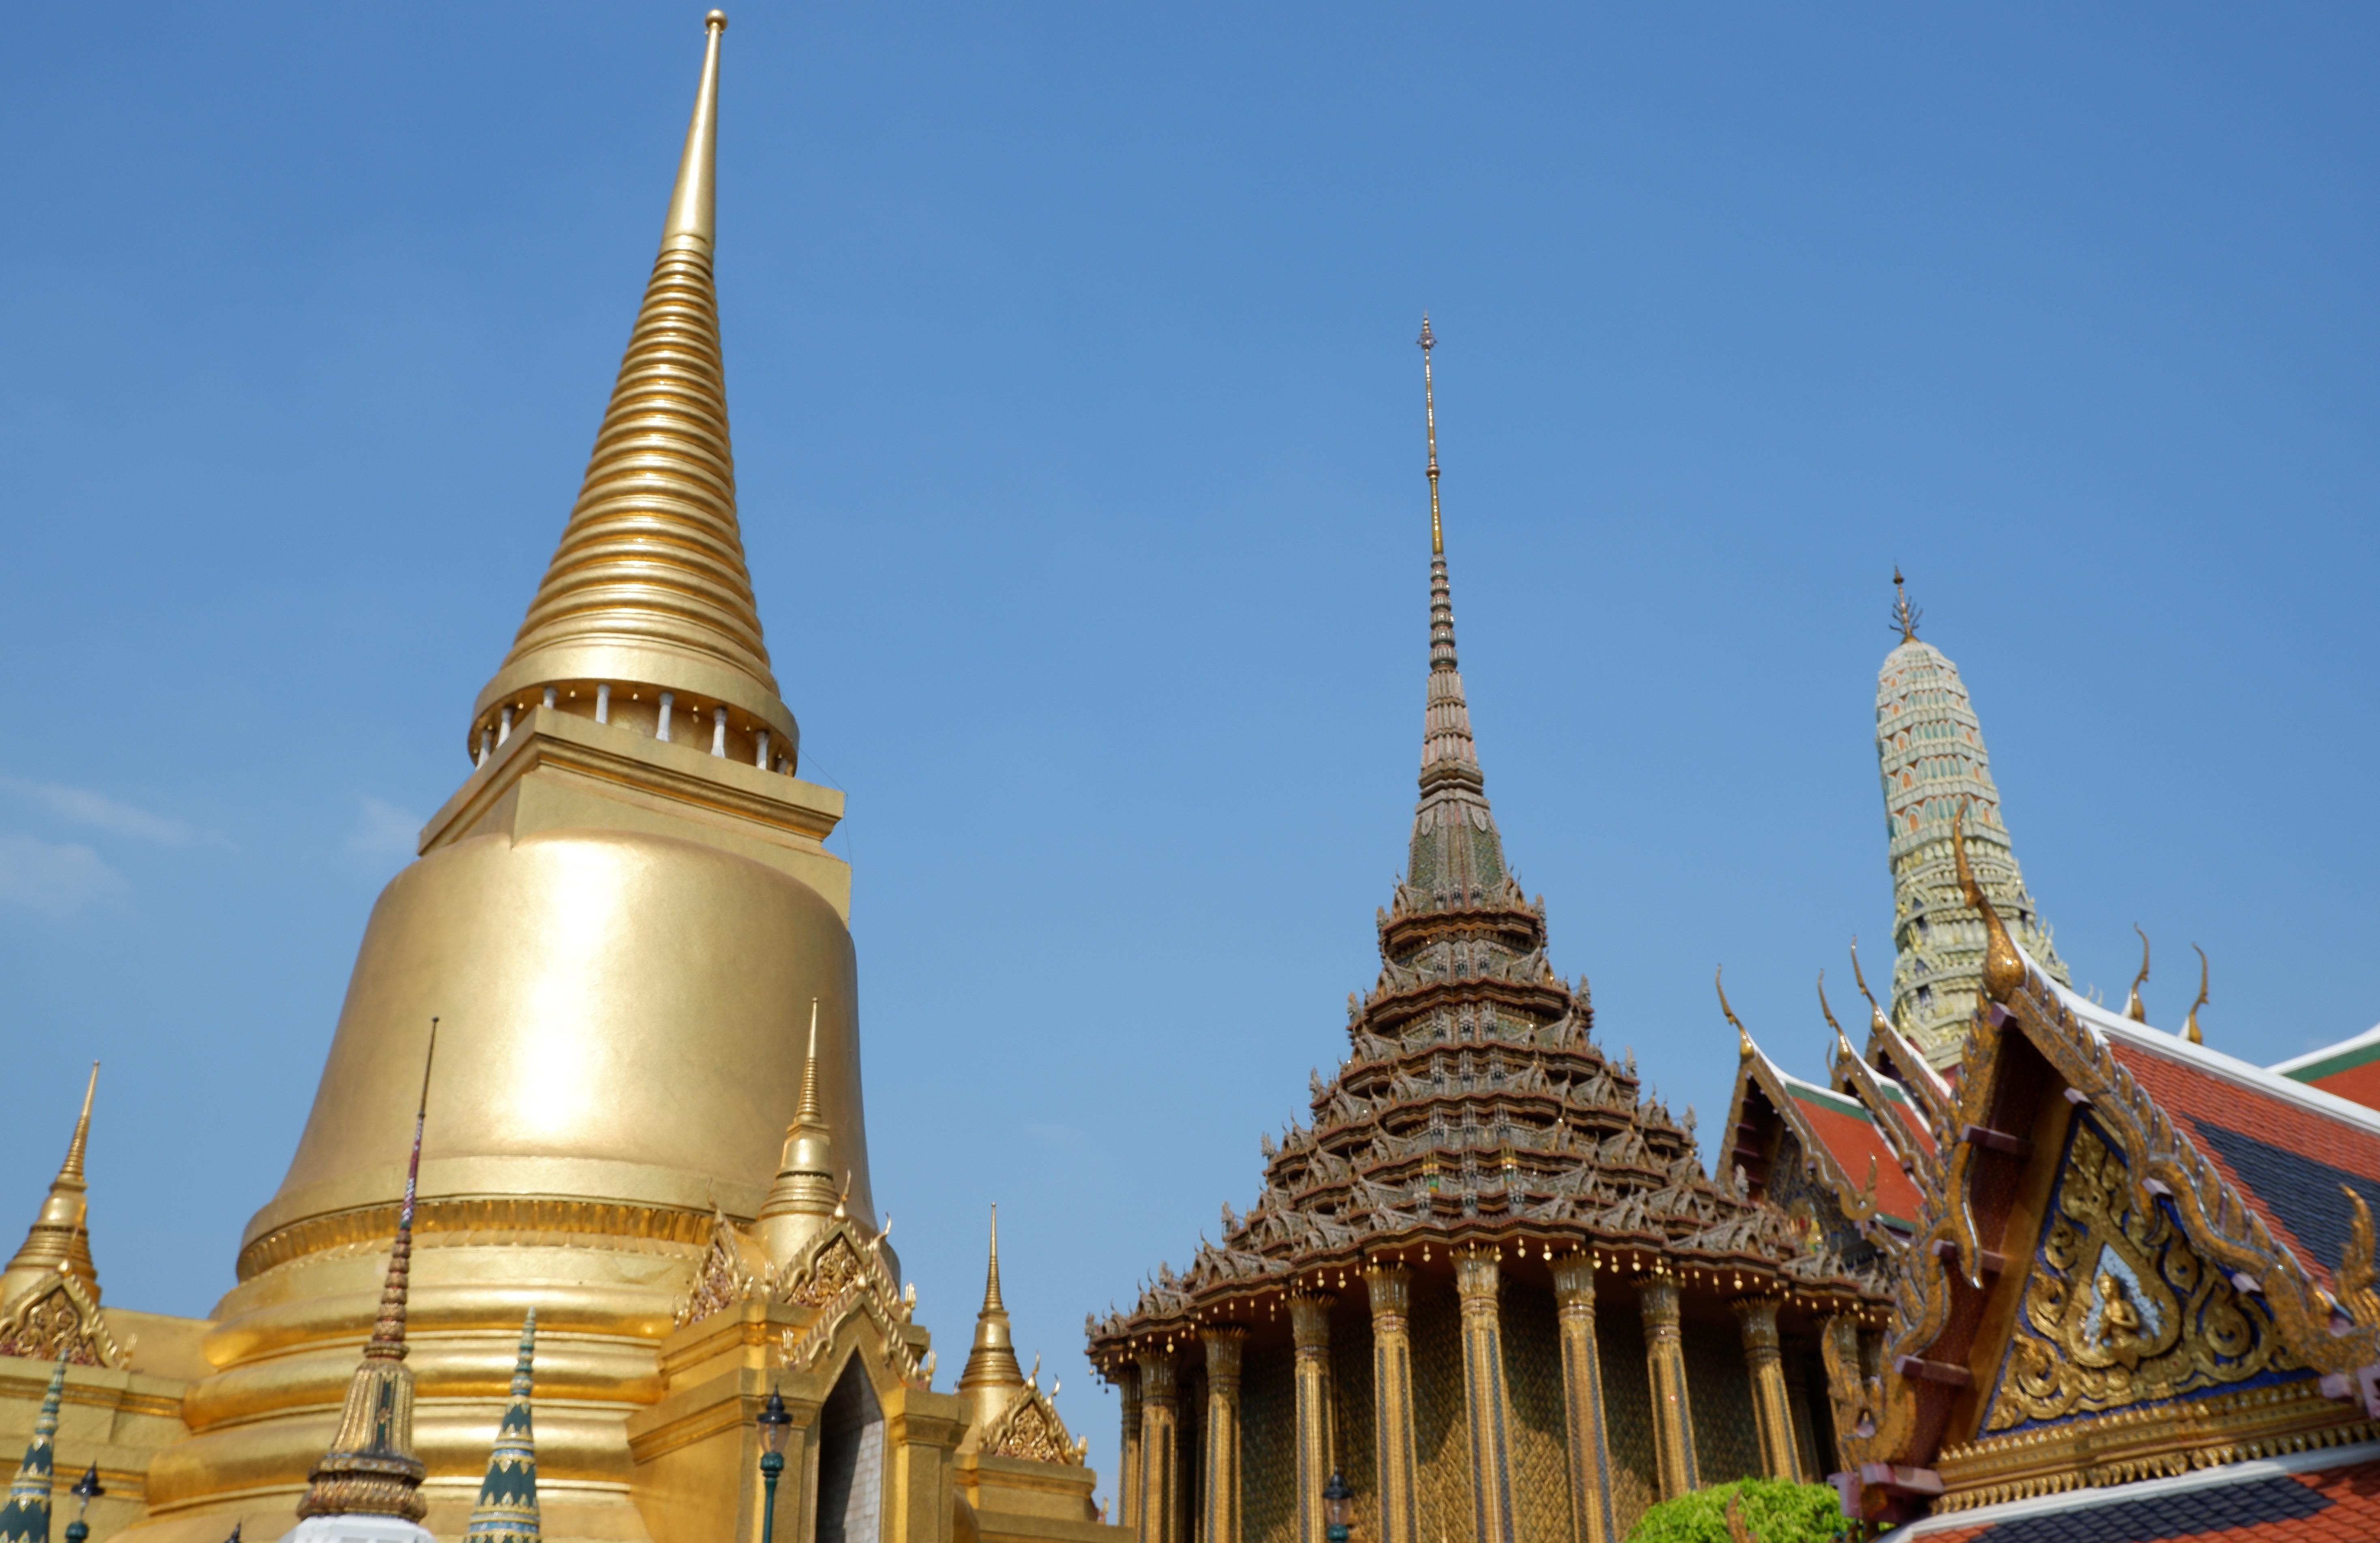 燦然と輝く『エメラルド寺院』